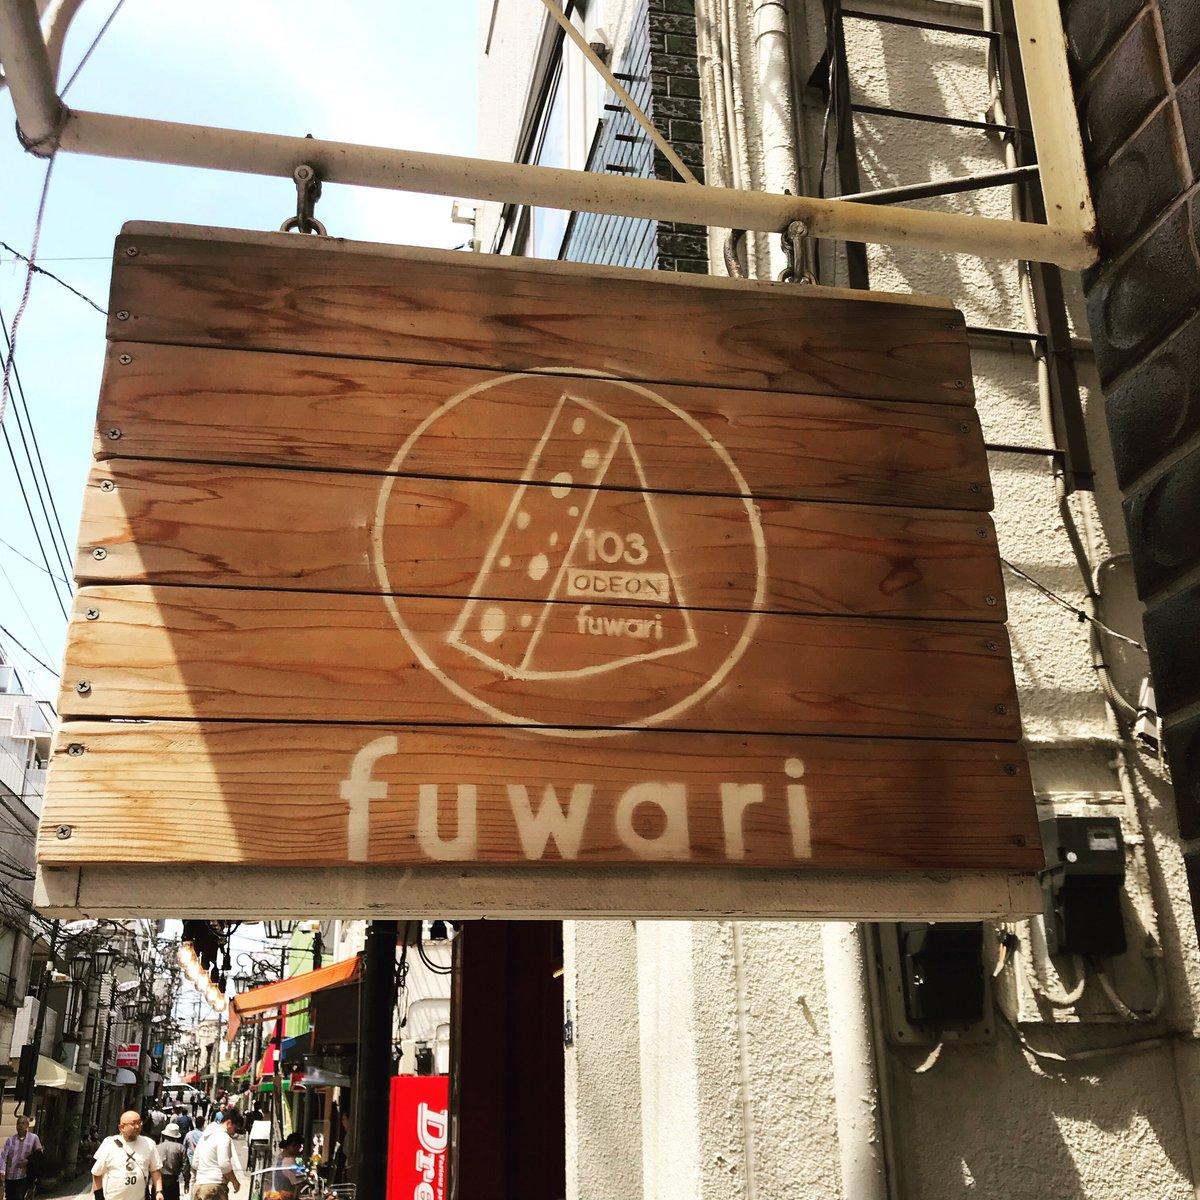 05.12(Sun) こんにちは☺︎🧀 . 過ごしやすいお天気ですね☀ この看板が目印の ODEONfuwari103 は十条富士見銀座にございます♪ 本日も営業中ですので、是非おこしくださいませ! . ODEONroom、fuwariの両店舗で同時にスタッフを募集しています お声掛けくださいませ🙇♀️